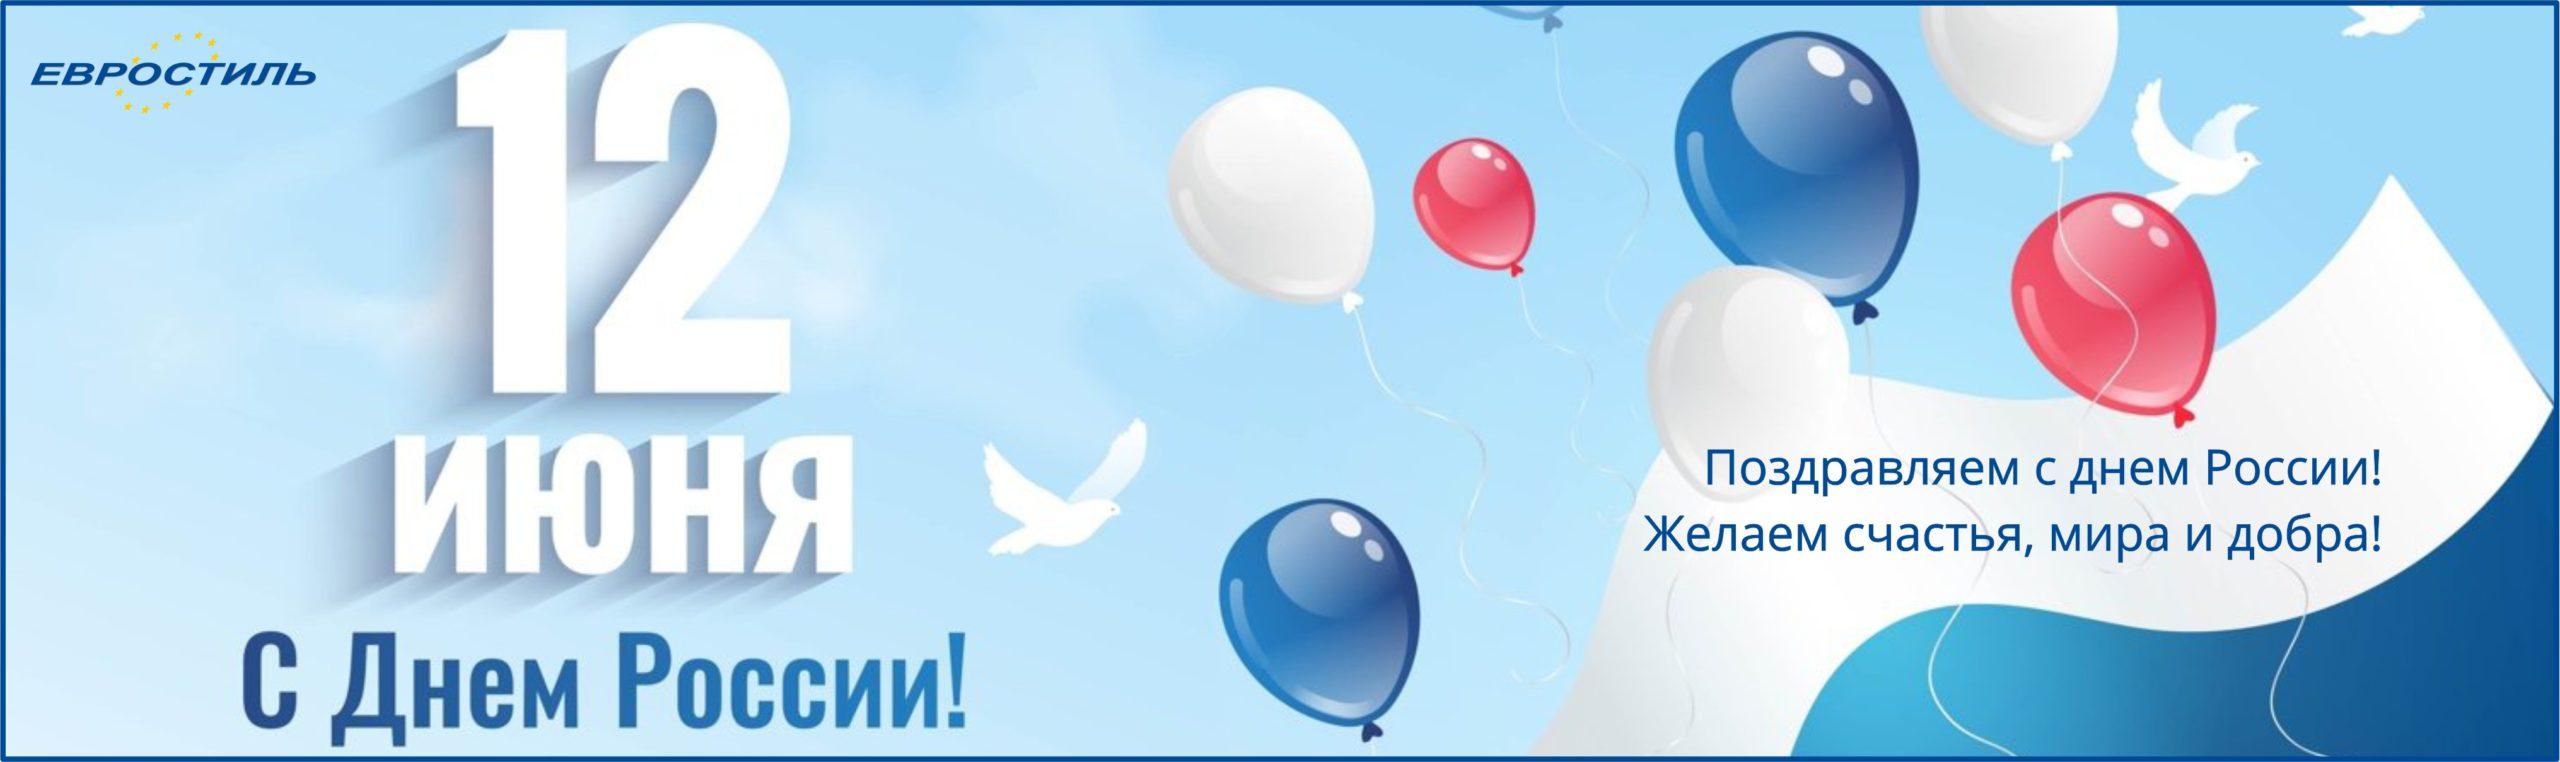 Поздравляем с днем России! Компания Евростиль